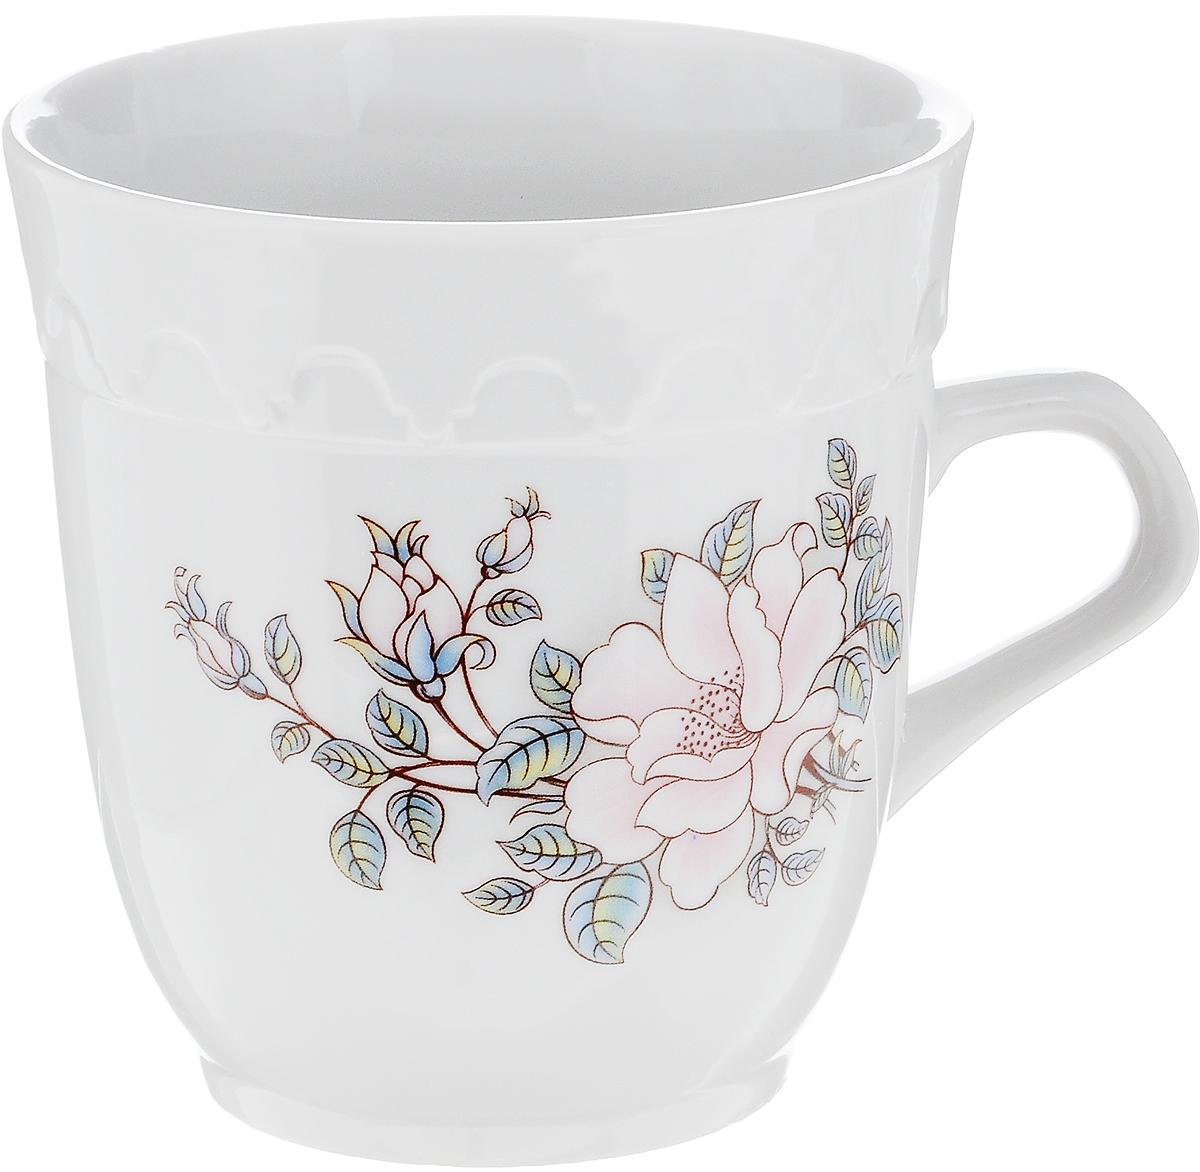 Кружка Фарфор Вербилок Арабеска. Микс. Розовые цветы, 250 мл115510Кружка Фарфор Вербилок Арабеска. Микс. Розовые цветы выполнена из высококачественного фарфора с глазурованным покрытием и оформлена оригинальным принтом. Посуда из фарфора позволяет сохранить истинный вкус напитка, а также помогает ему дольше оставаться теплым. Изделие оснащено удобной ручкой. Такая кружка прекрасно оформит стол к чаепитию и станет его неизменным атрибутом. Можно мыть в посудомоечной машине и использовать в СВЧ.Диаметр кружки (по верхнему краю): 8,5 см.Высота чашки: 9 см.